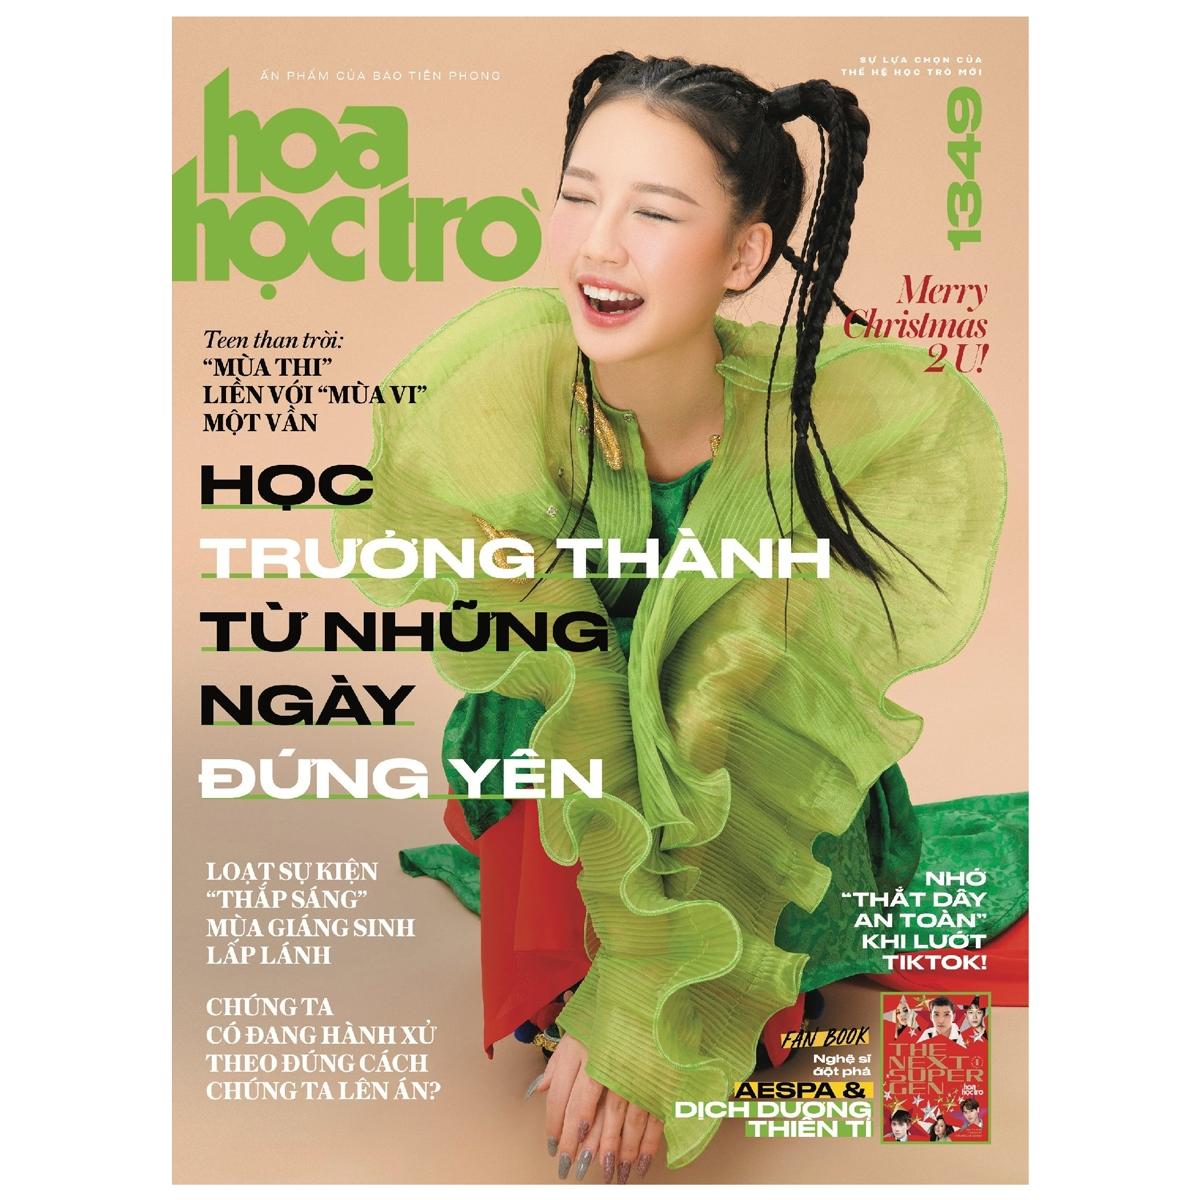 Fahasa - Hoa Học Trò Số 1349 - Tặng Kèm Fanbook The Next Super Gen Vol.1 + 2 Mega Poster...